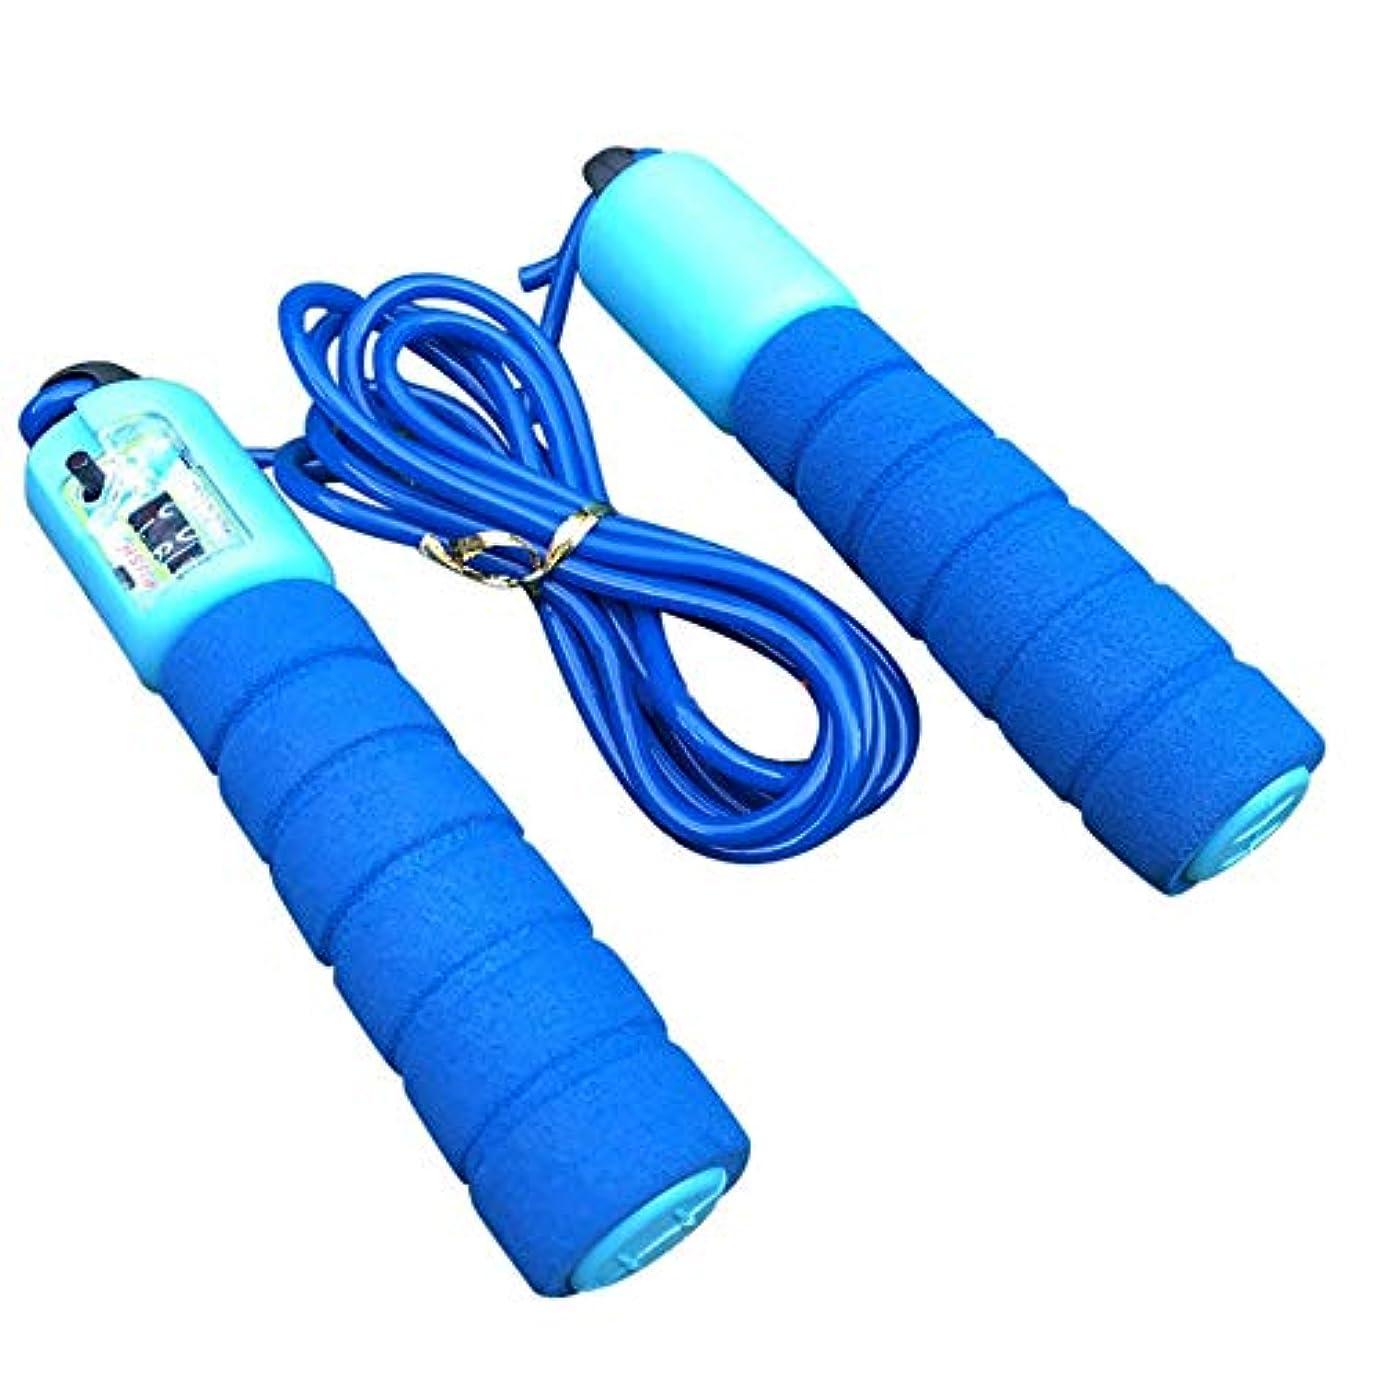 数学者できないグリップ調整可能なプロフェッショナルカウント縄跳び自動カウントジャンプロープフィットネス運動高速カウントジャンプロープ - 青